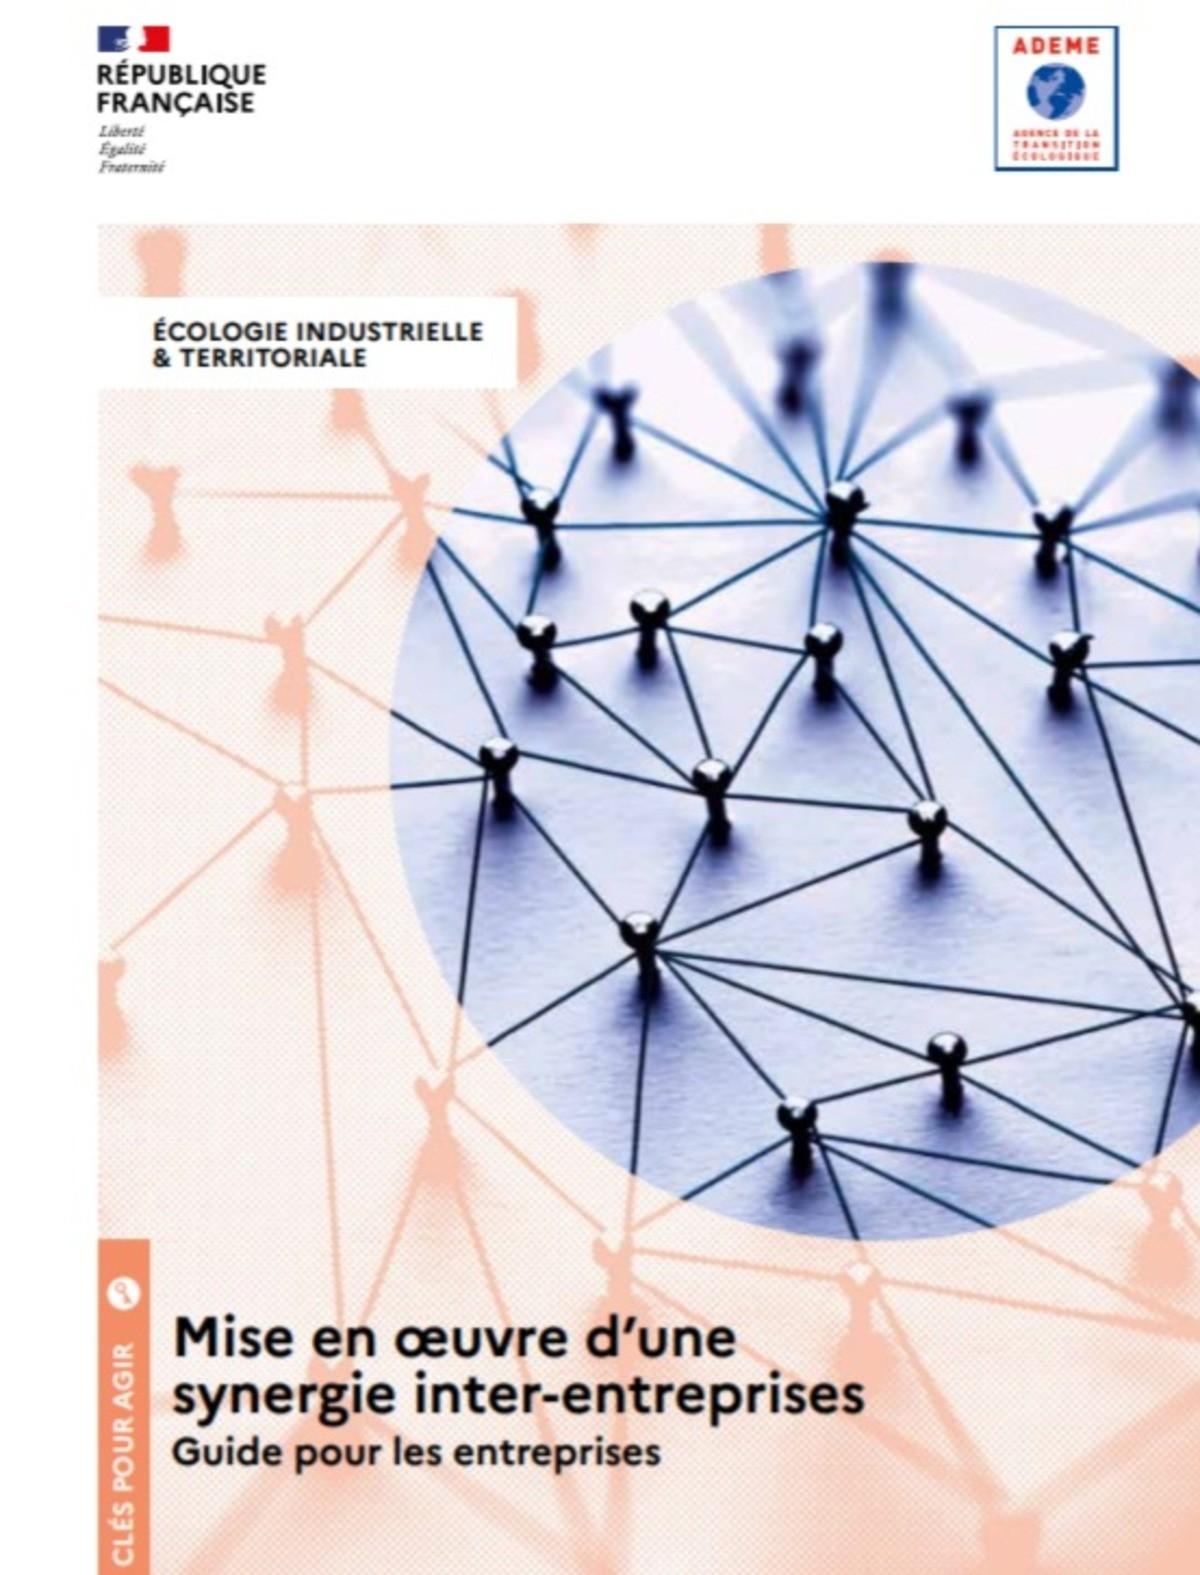 Guide ADEME d'accompagnement à la mise en oeuvre d'une synergie d'EIT à destination des entreprises